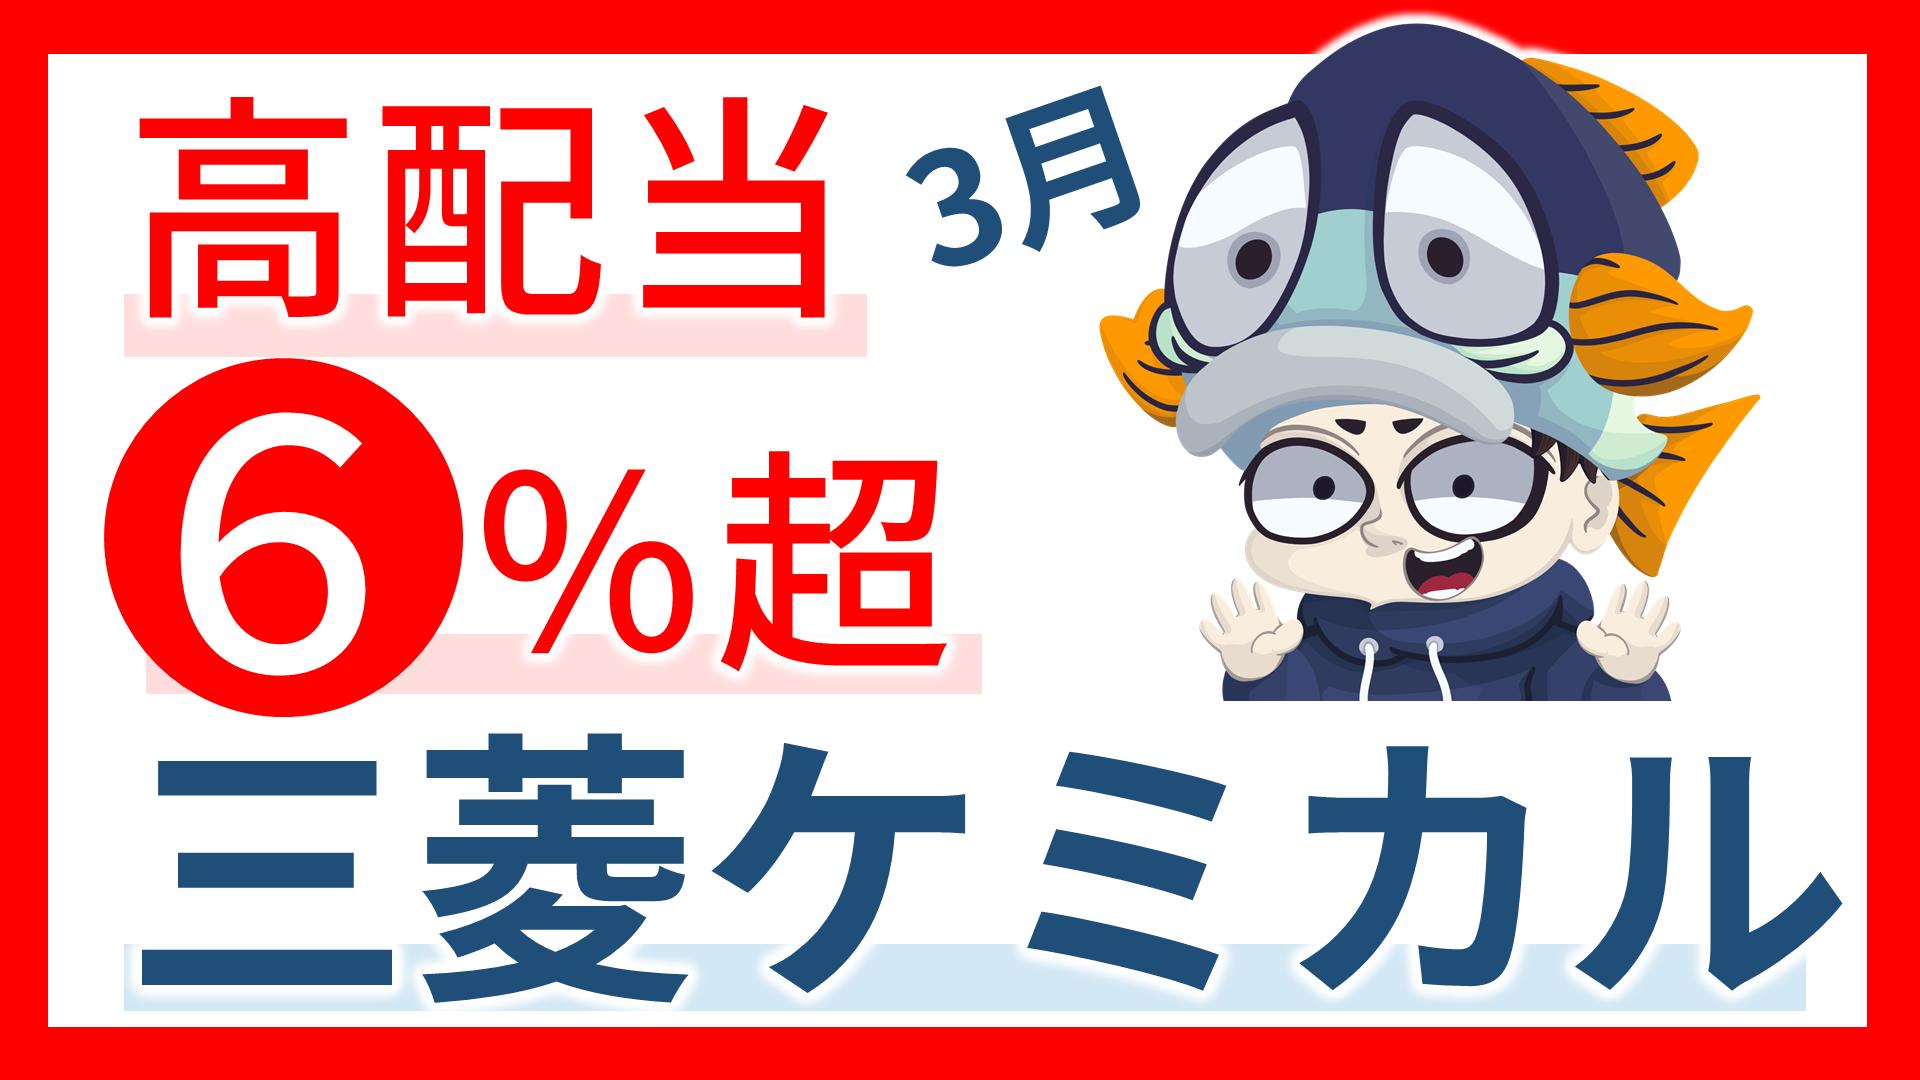 利回り6%超!高配当で3月決算の三菱ケミカル株 3つの魅力とは?